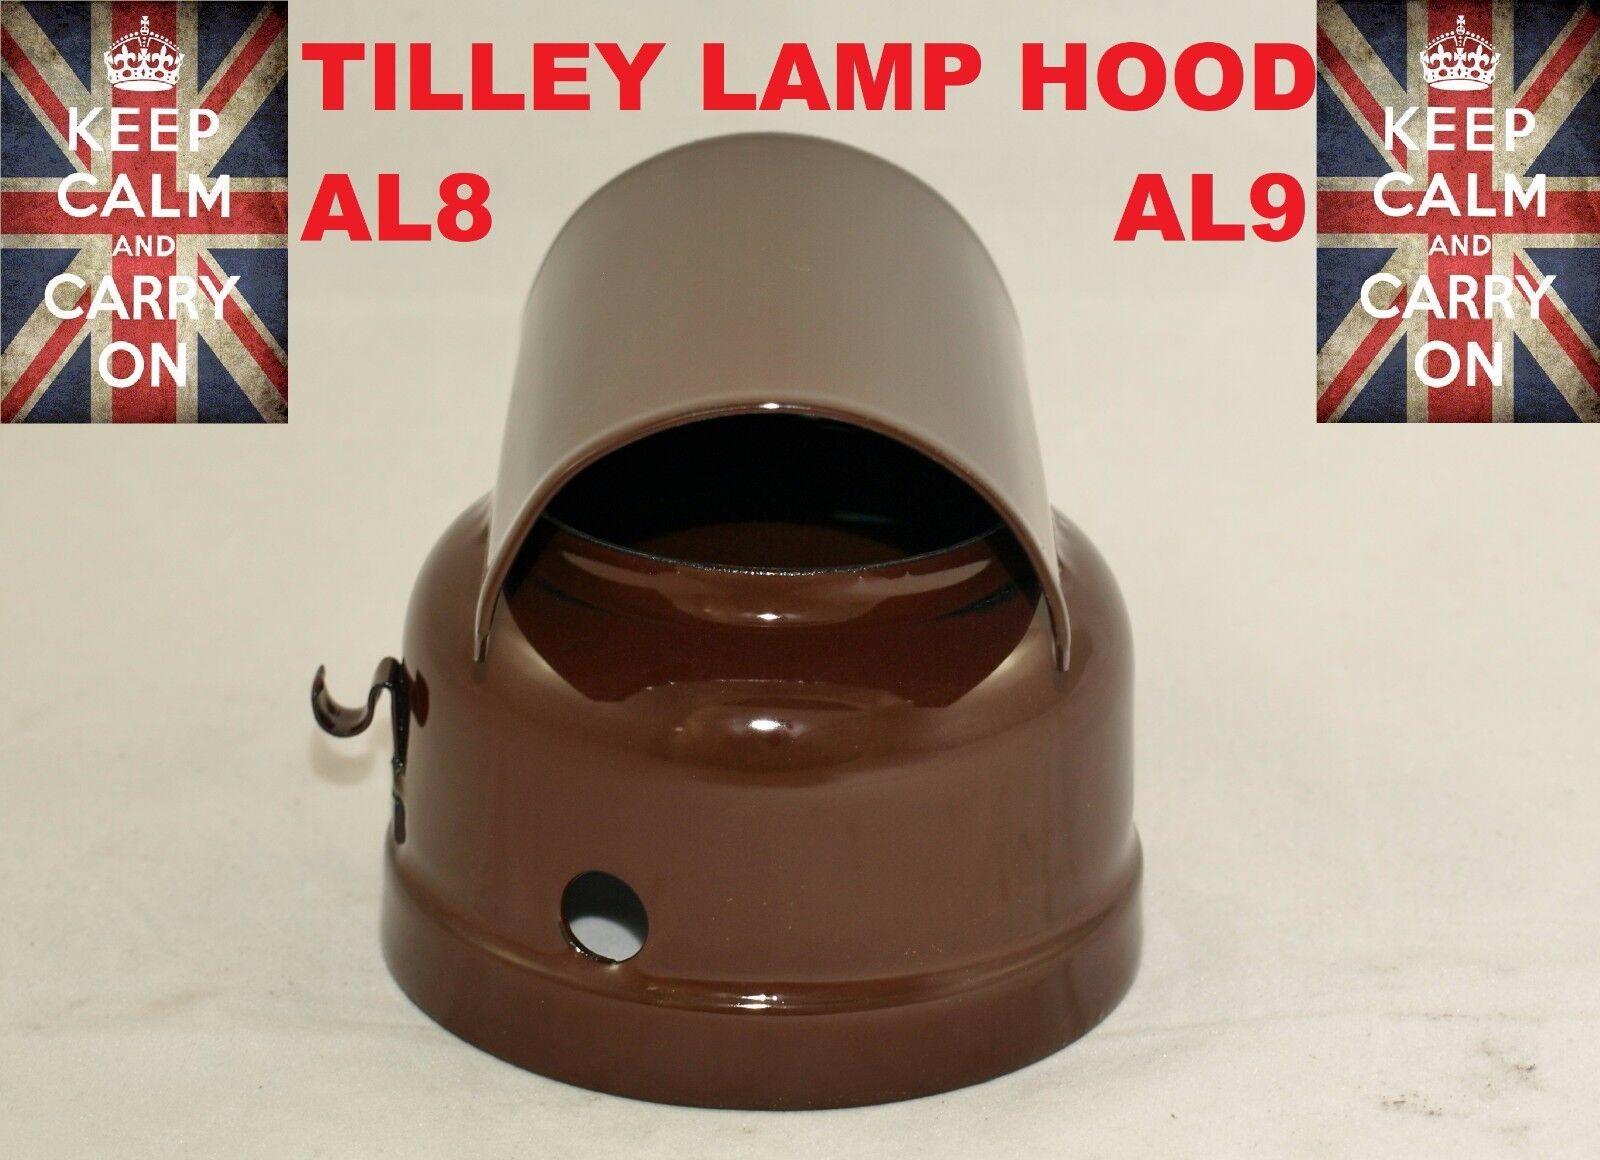 TILLEY LAMP HOOD   AL8   AL9 VITREOUS ENAMELLED  PARAFFIN LAMP SERVICE KIT PART  outlet factory shop